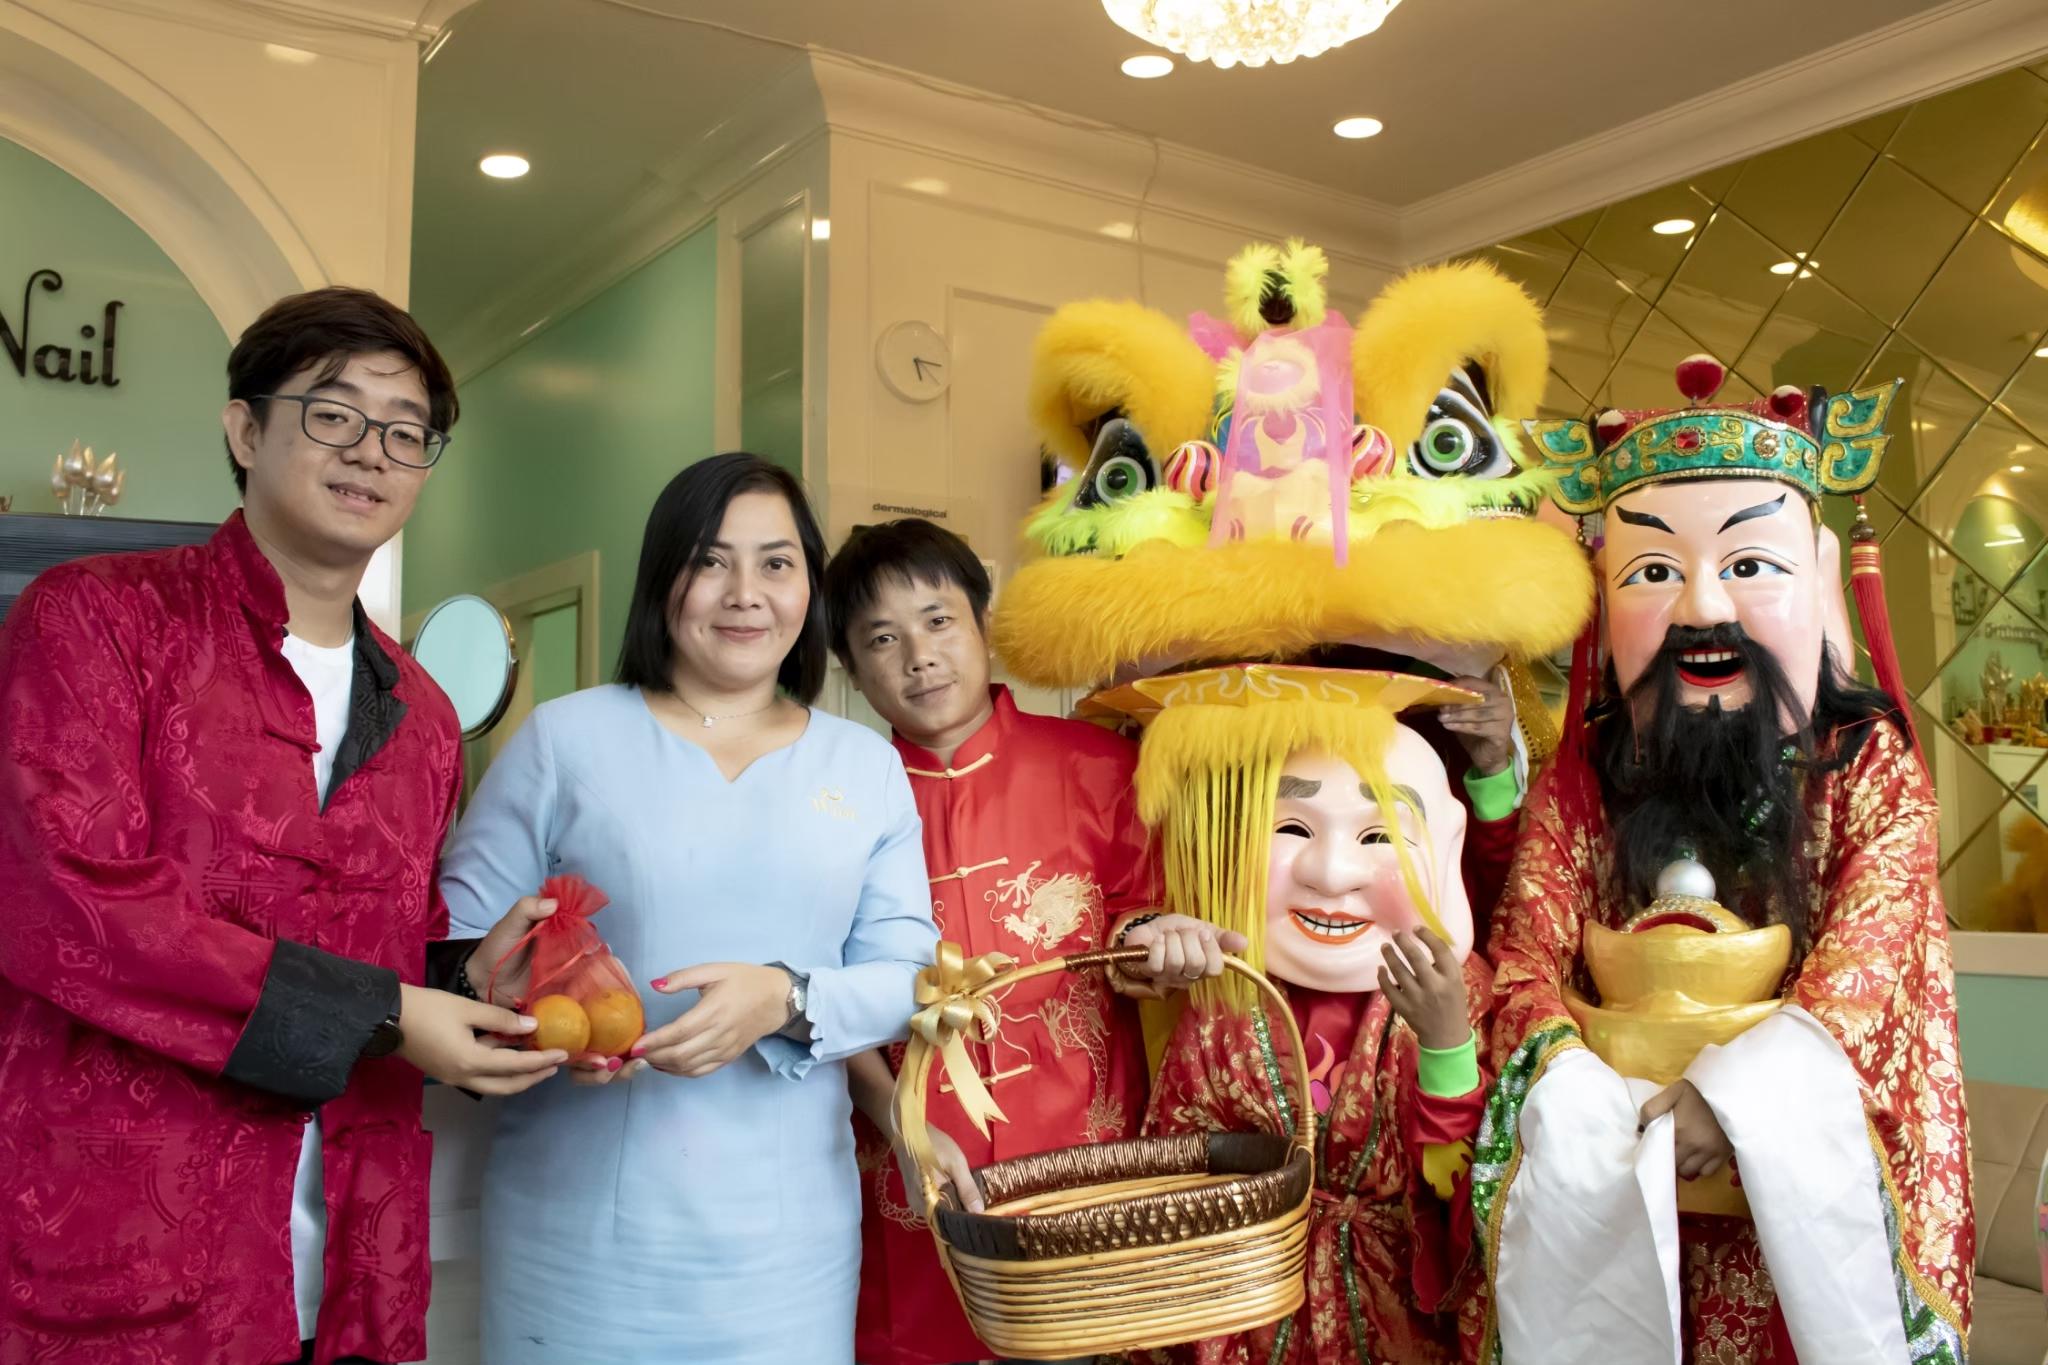 บรรยากาศงาน ตรุษจีน ปี 2563 @The Paseo Mall สาขา ลาดกระบัง